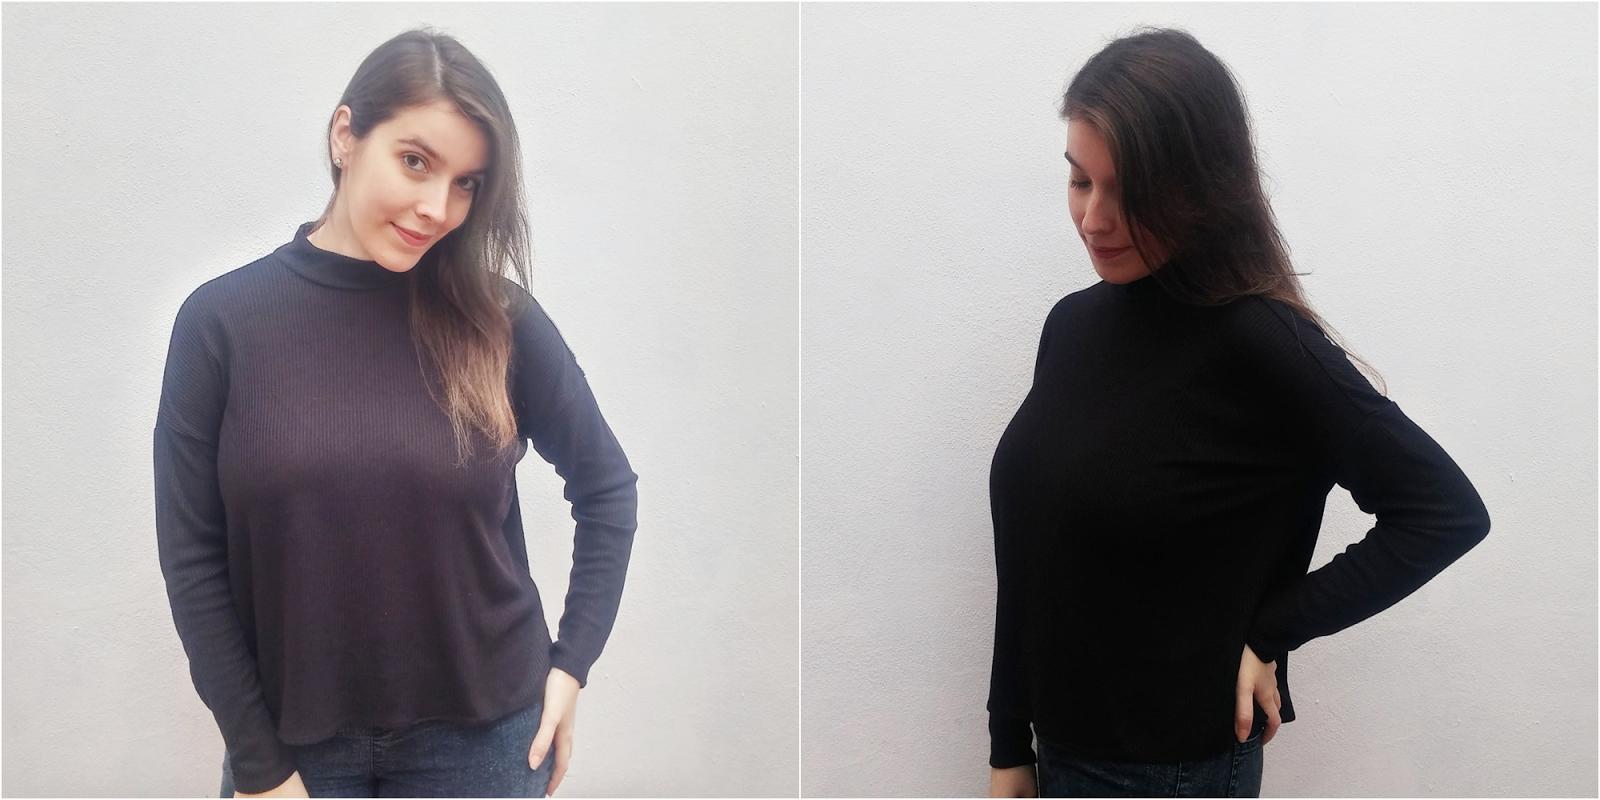 Camisola preta // H&M // 3,99€ (antes 9,99€)